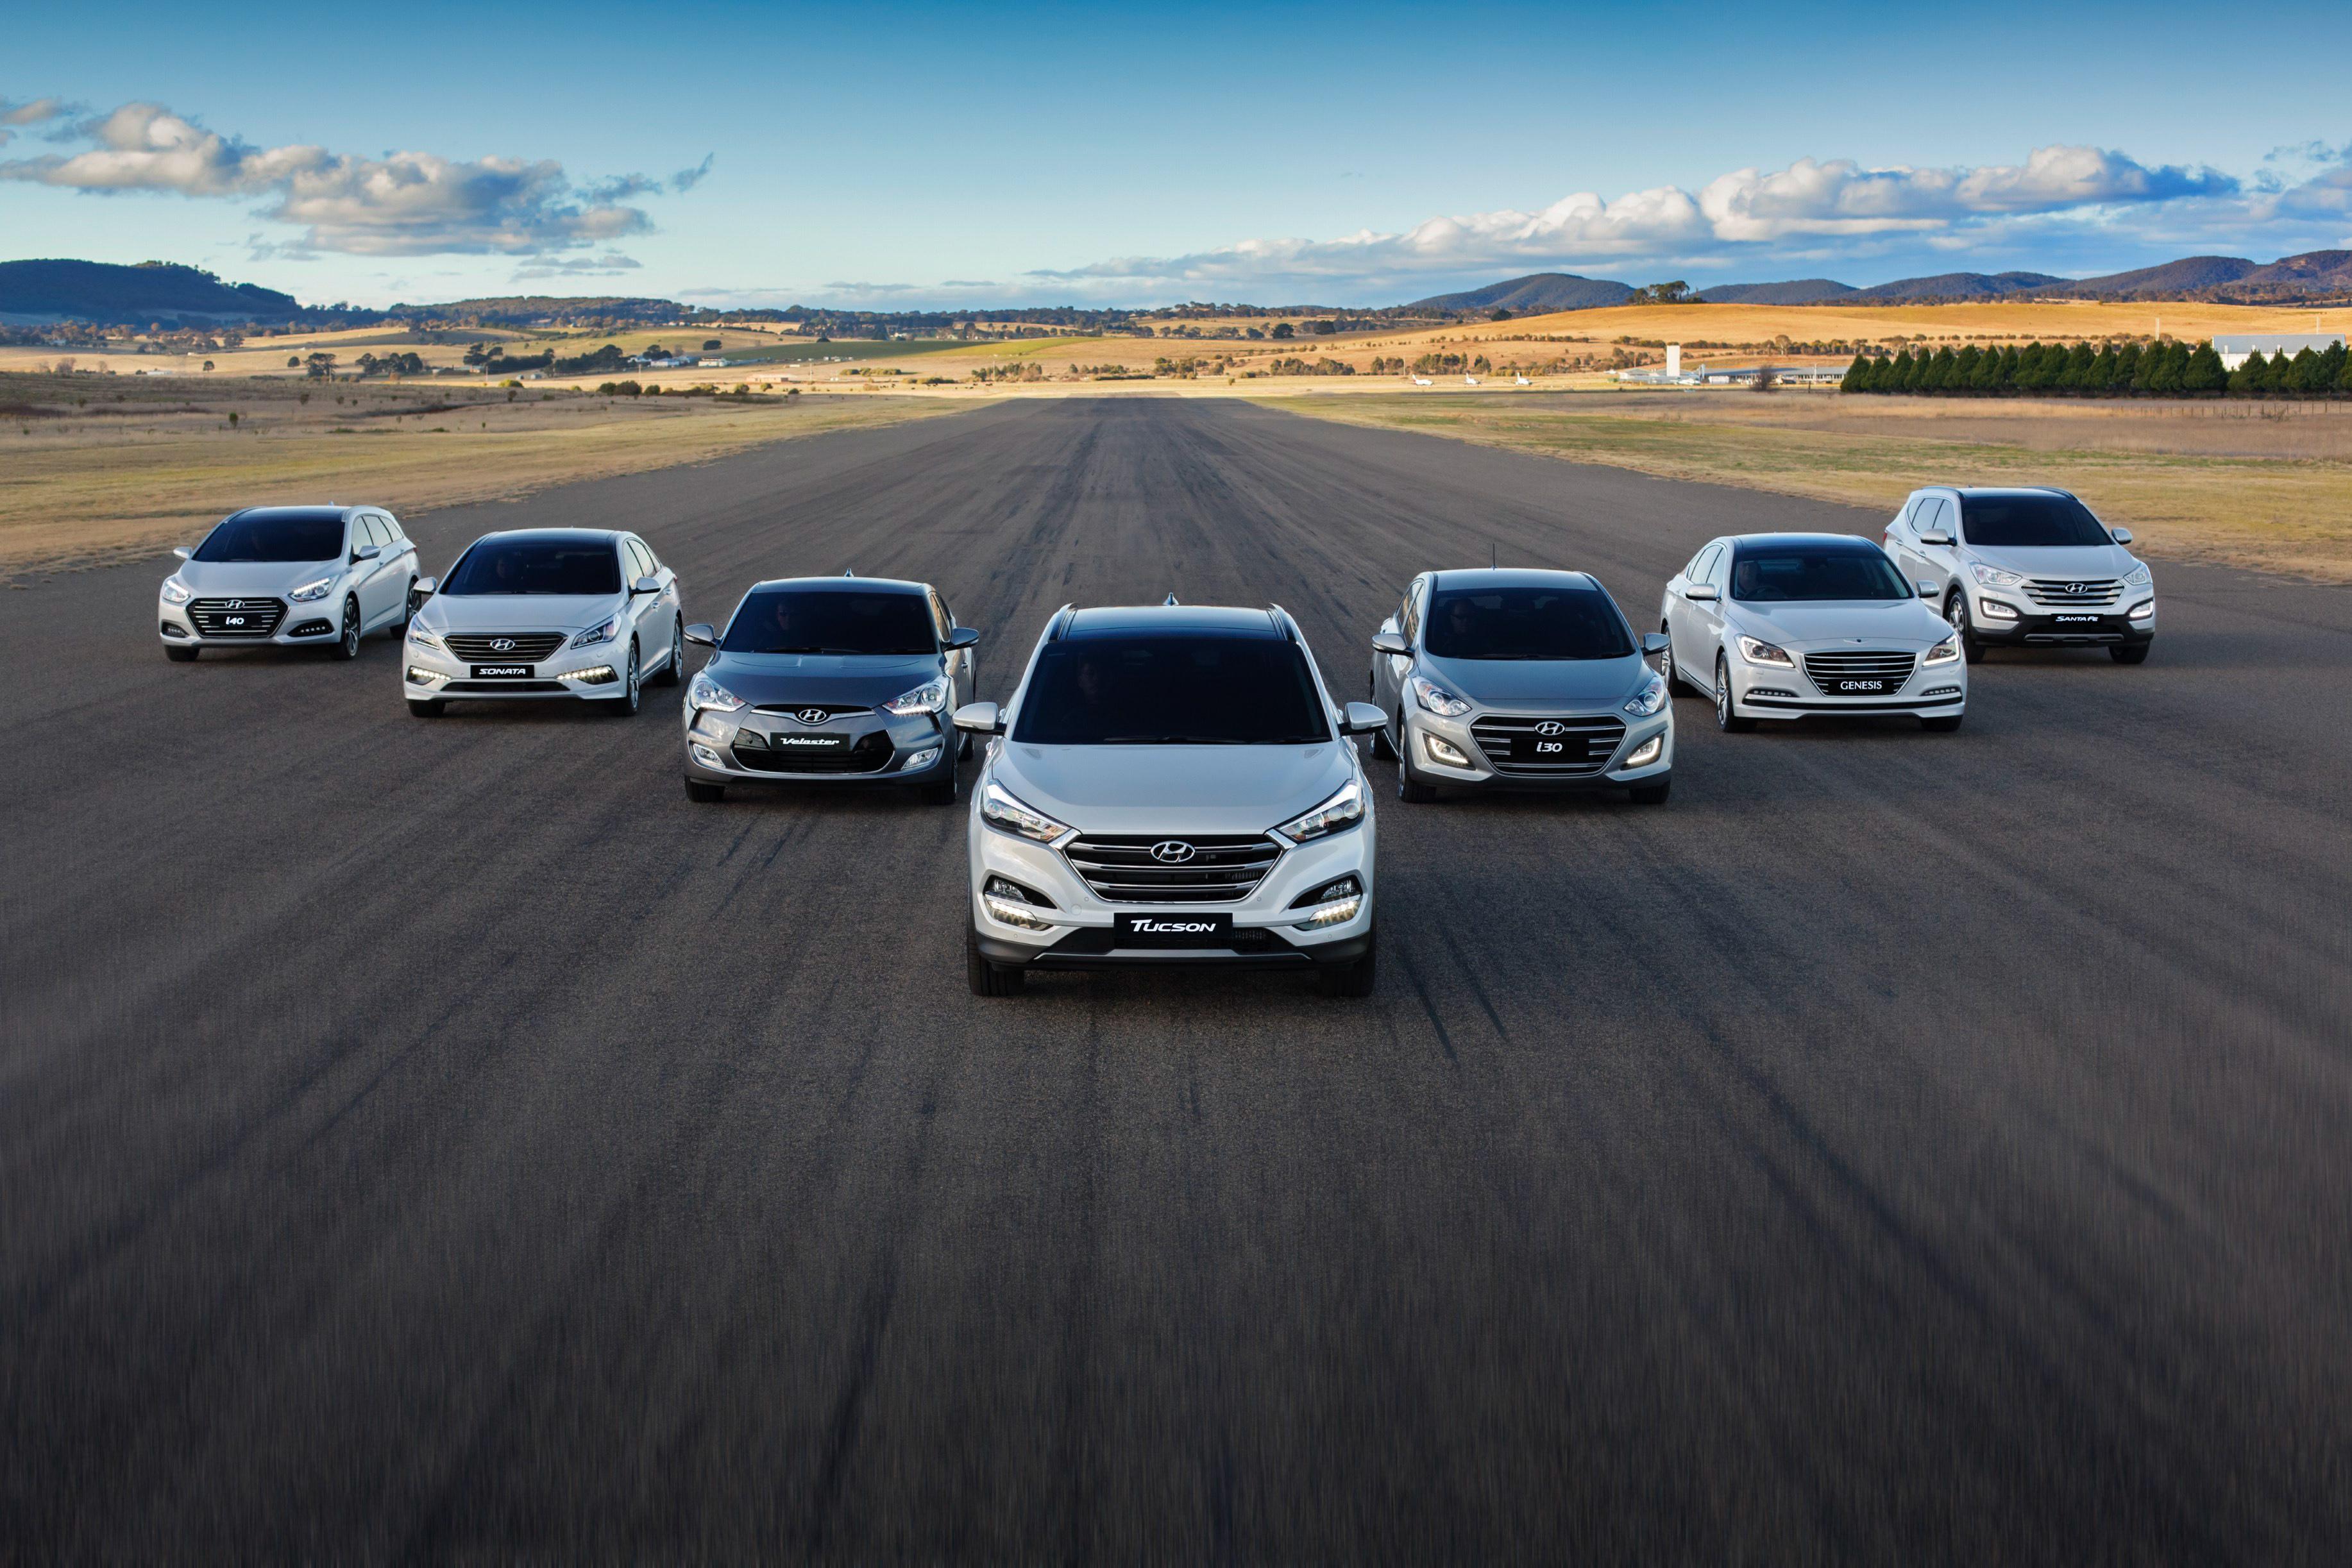 2016 Hyundai Range